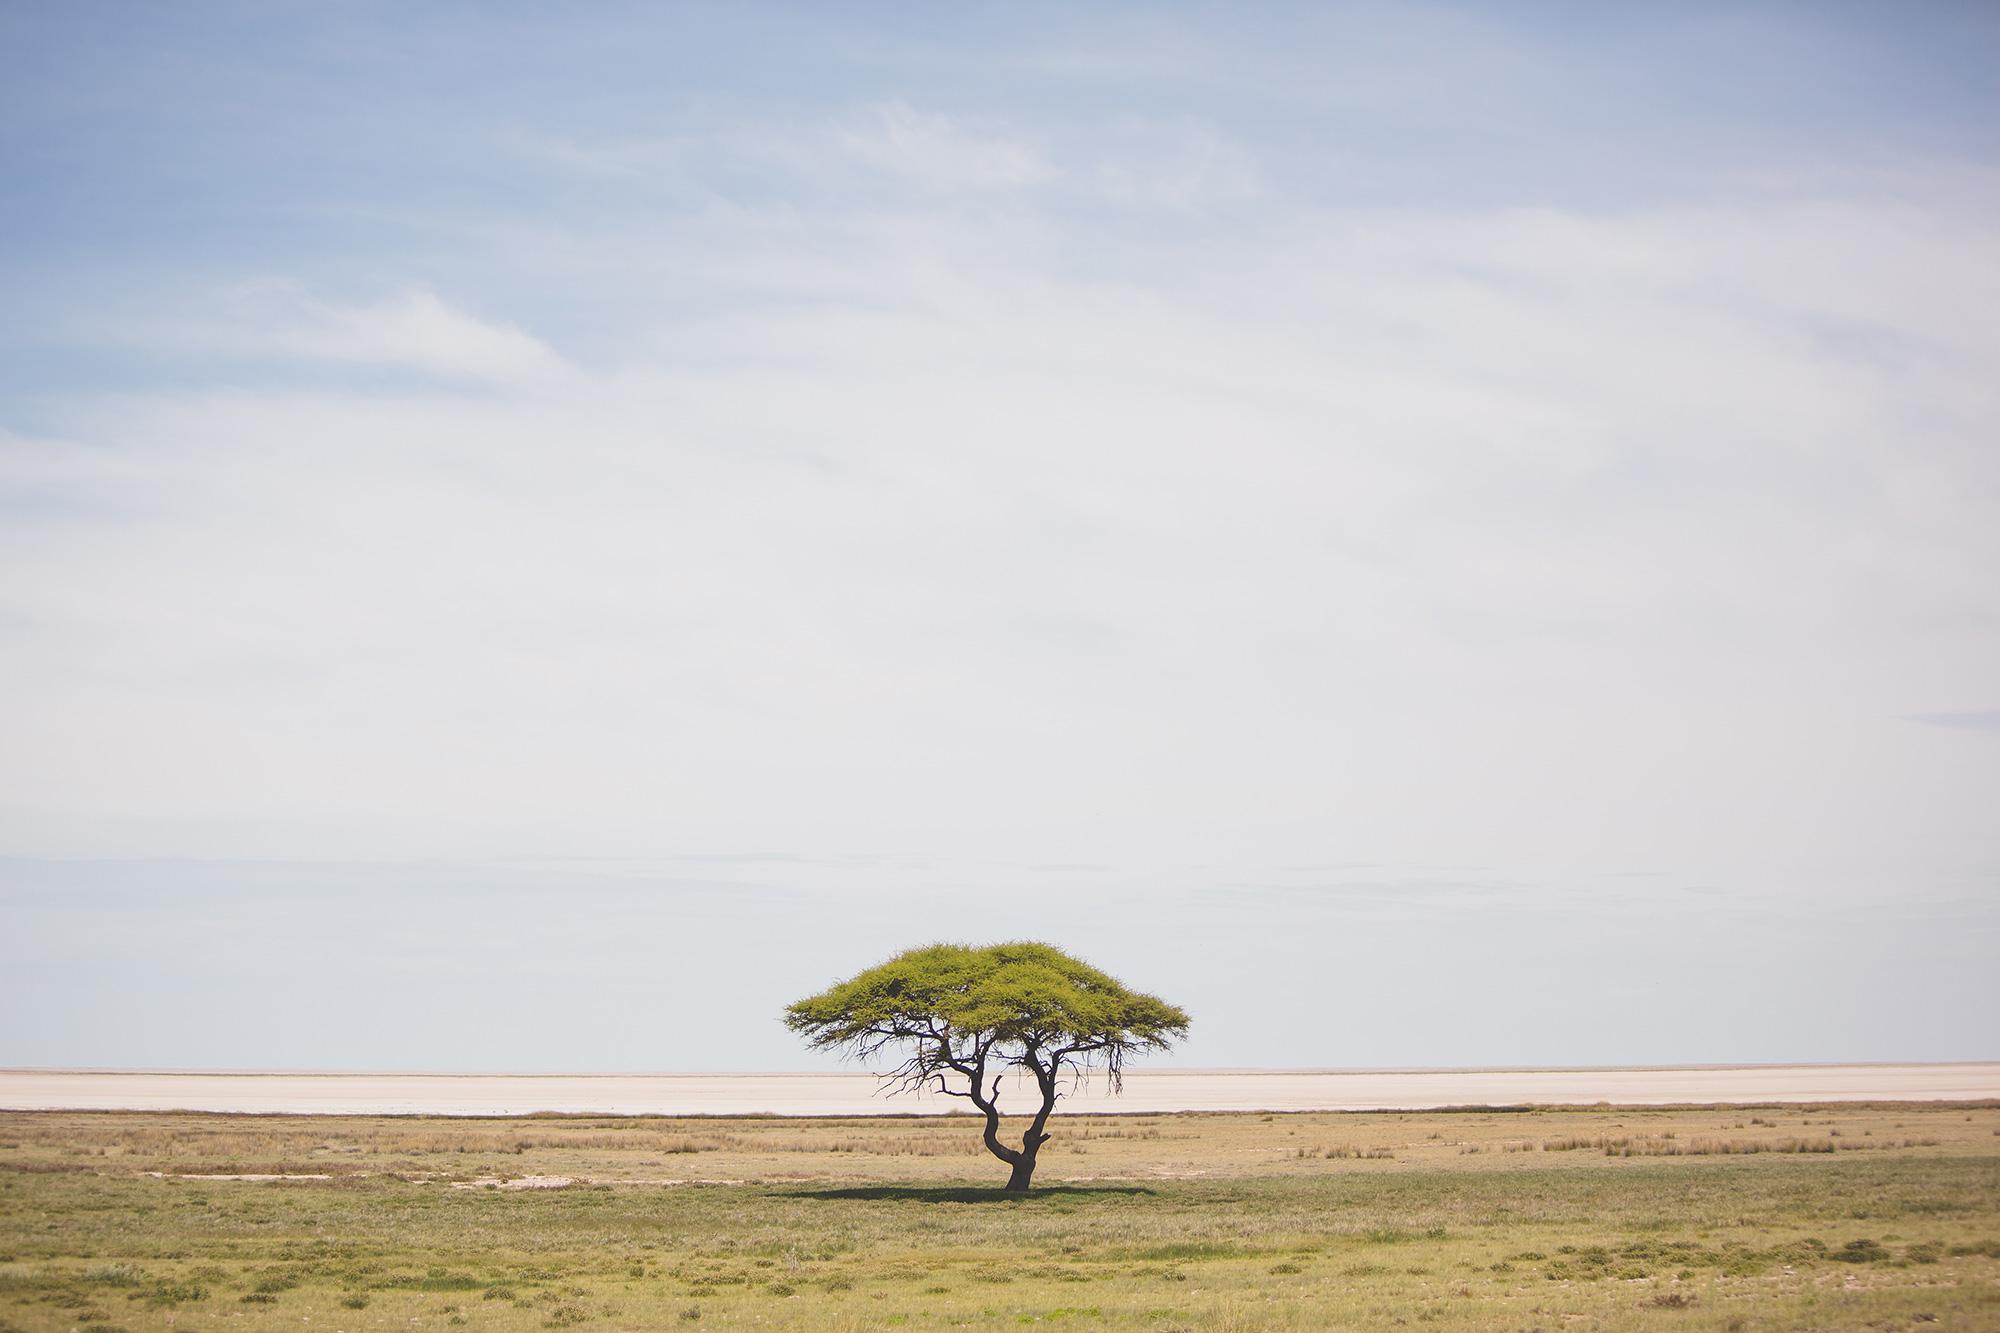 0006_Namibia_13061.jpg